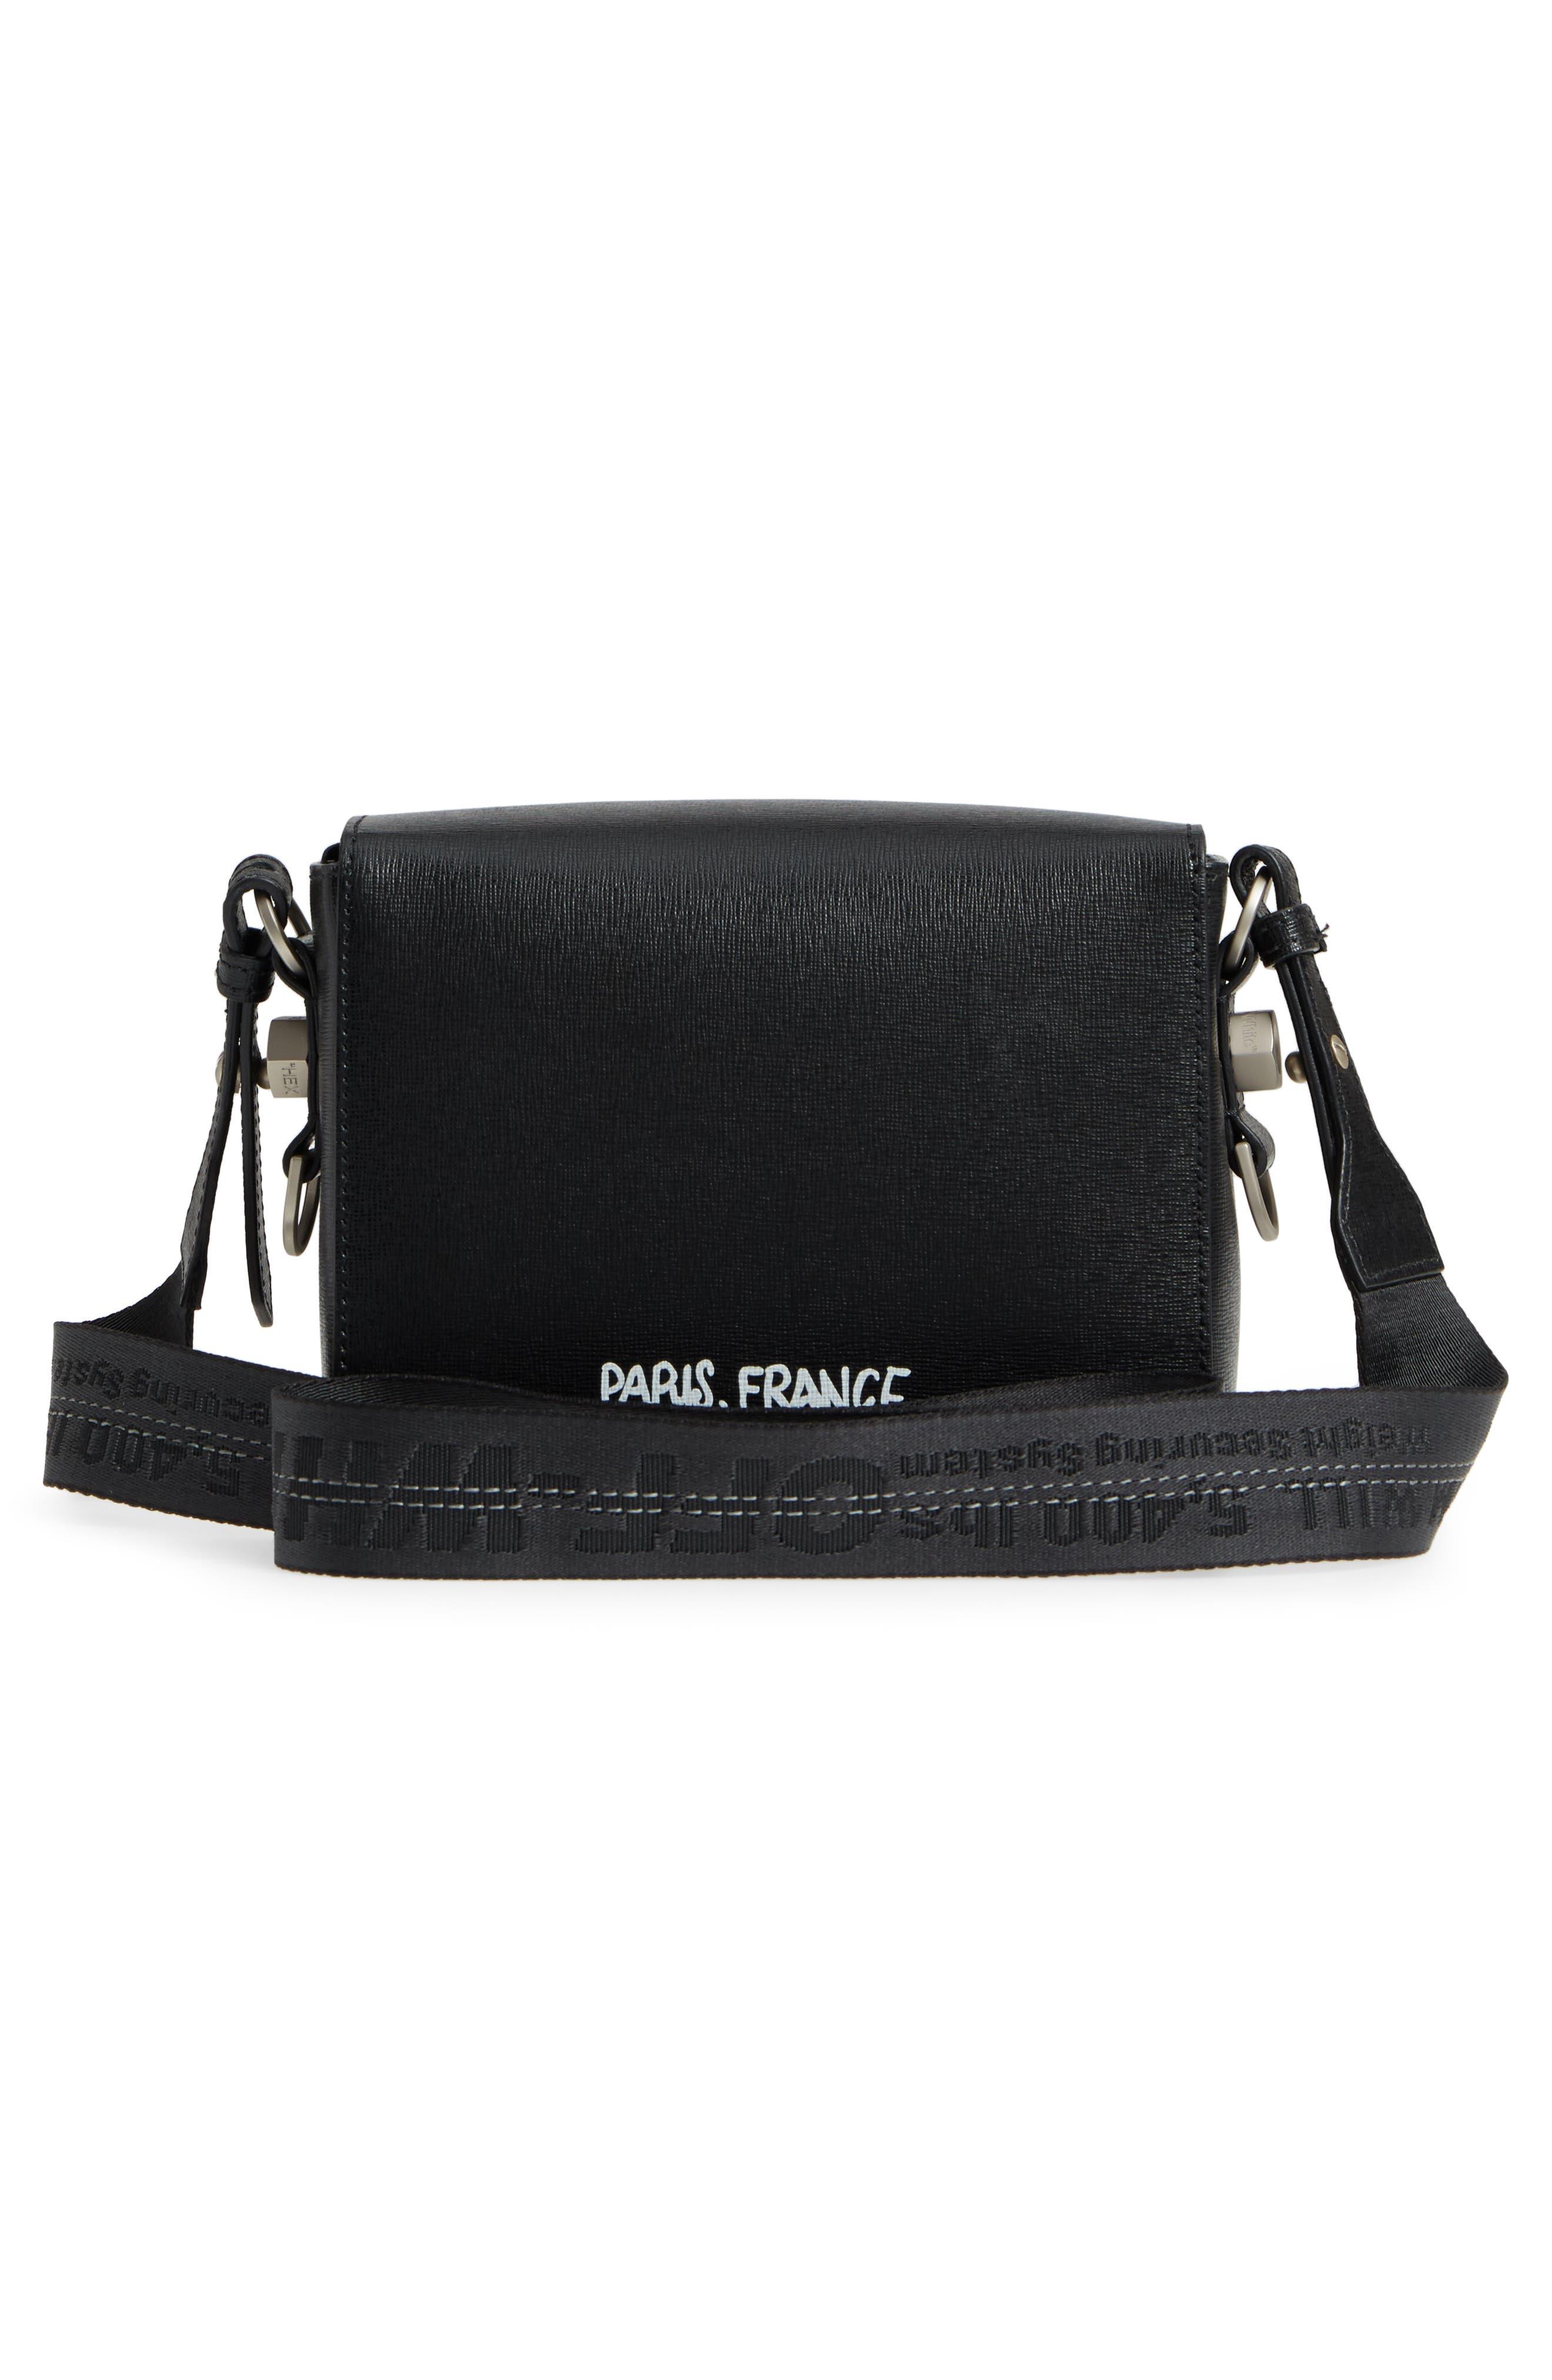 Virgil Was Here Binder Clip Leather Shoulder Bag,                             Alternate thumbnail 4, color,                             Black White